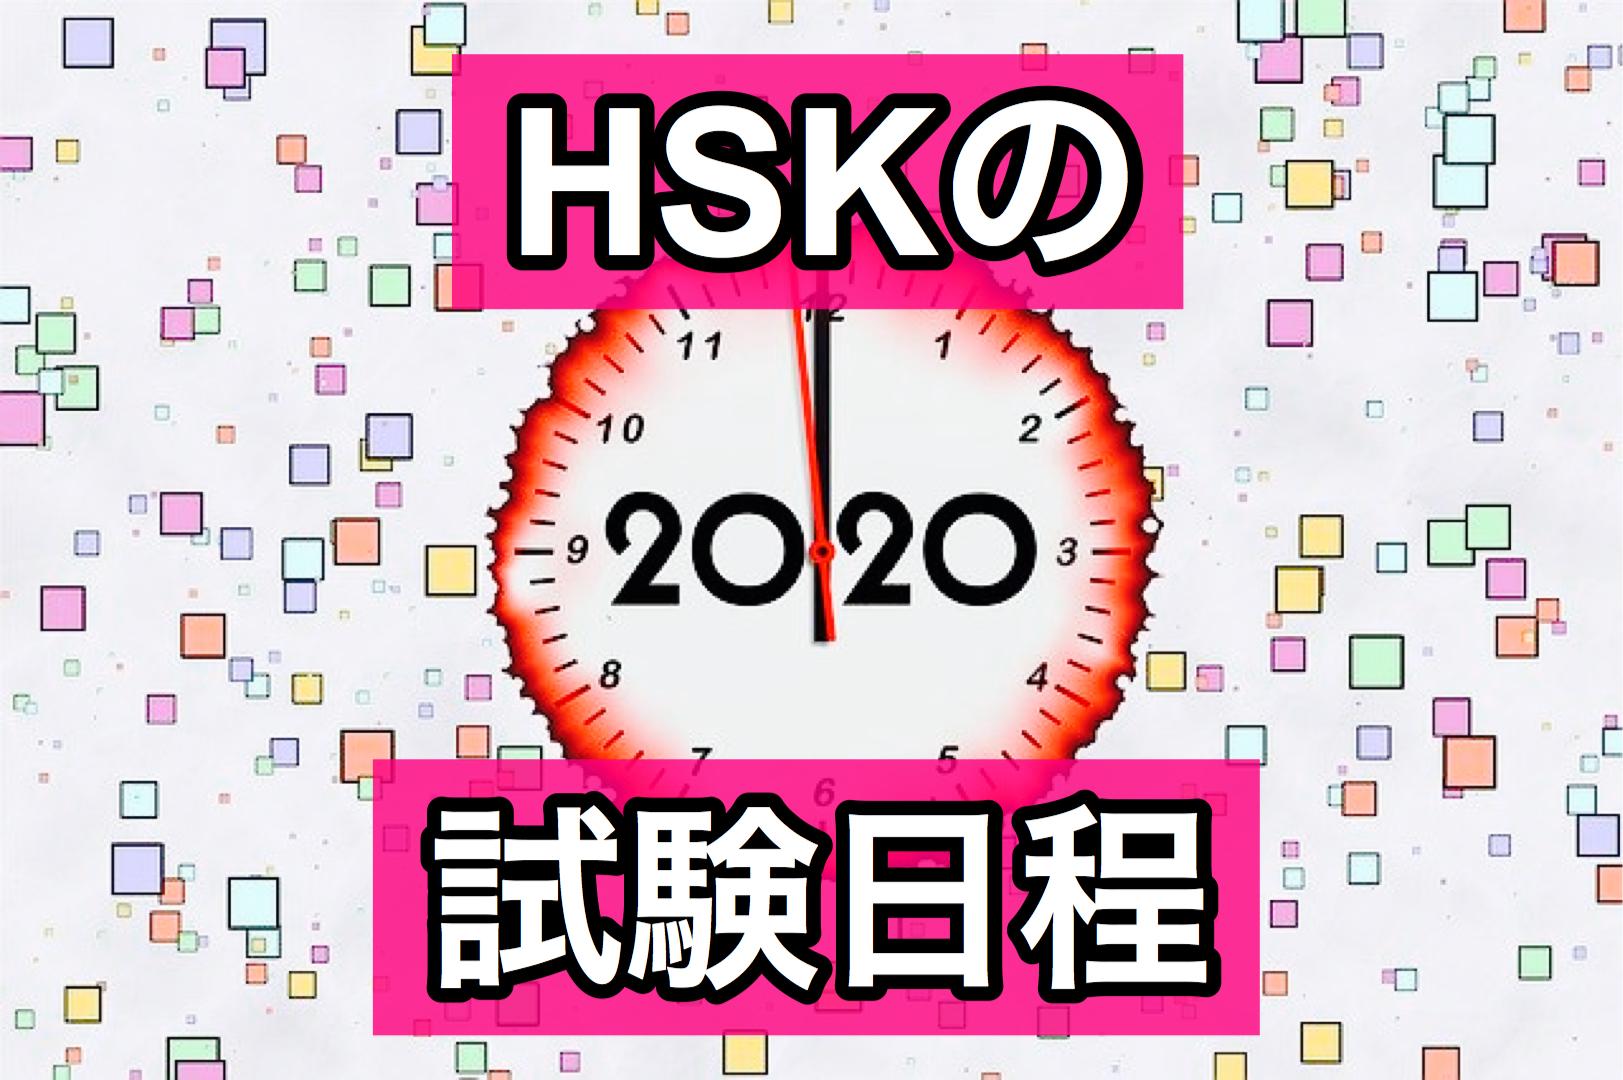 2020年 HSK 試験日程